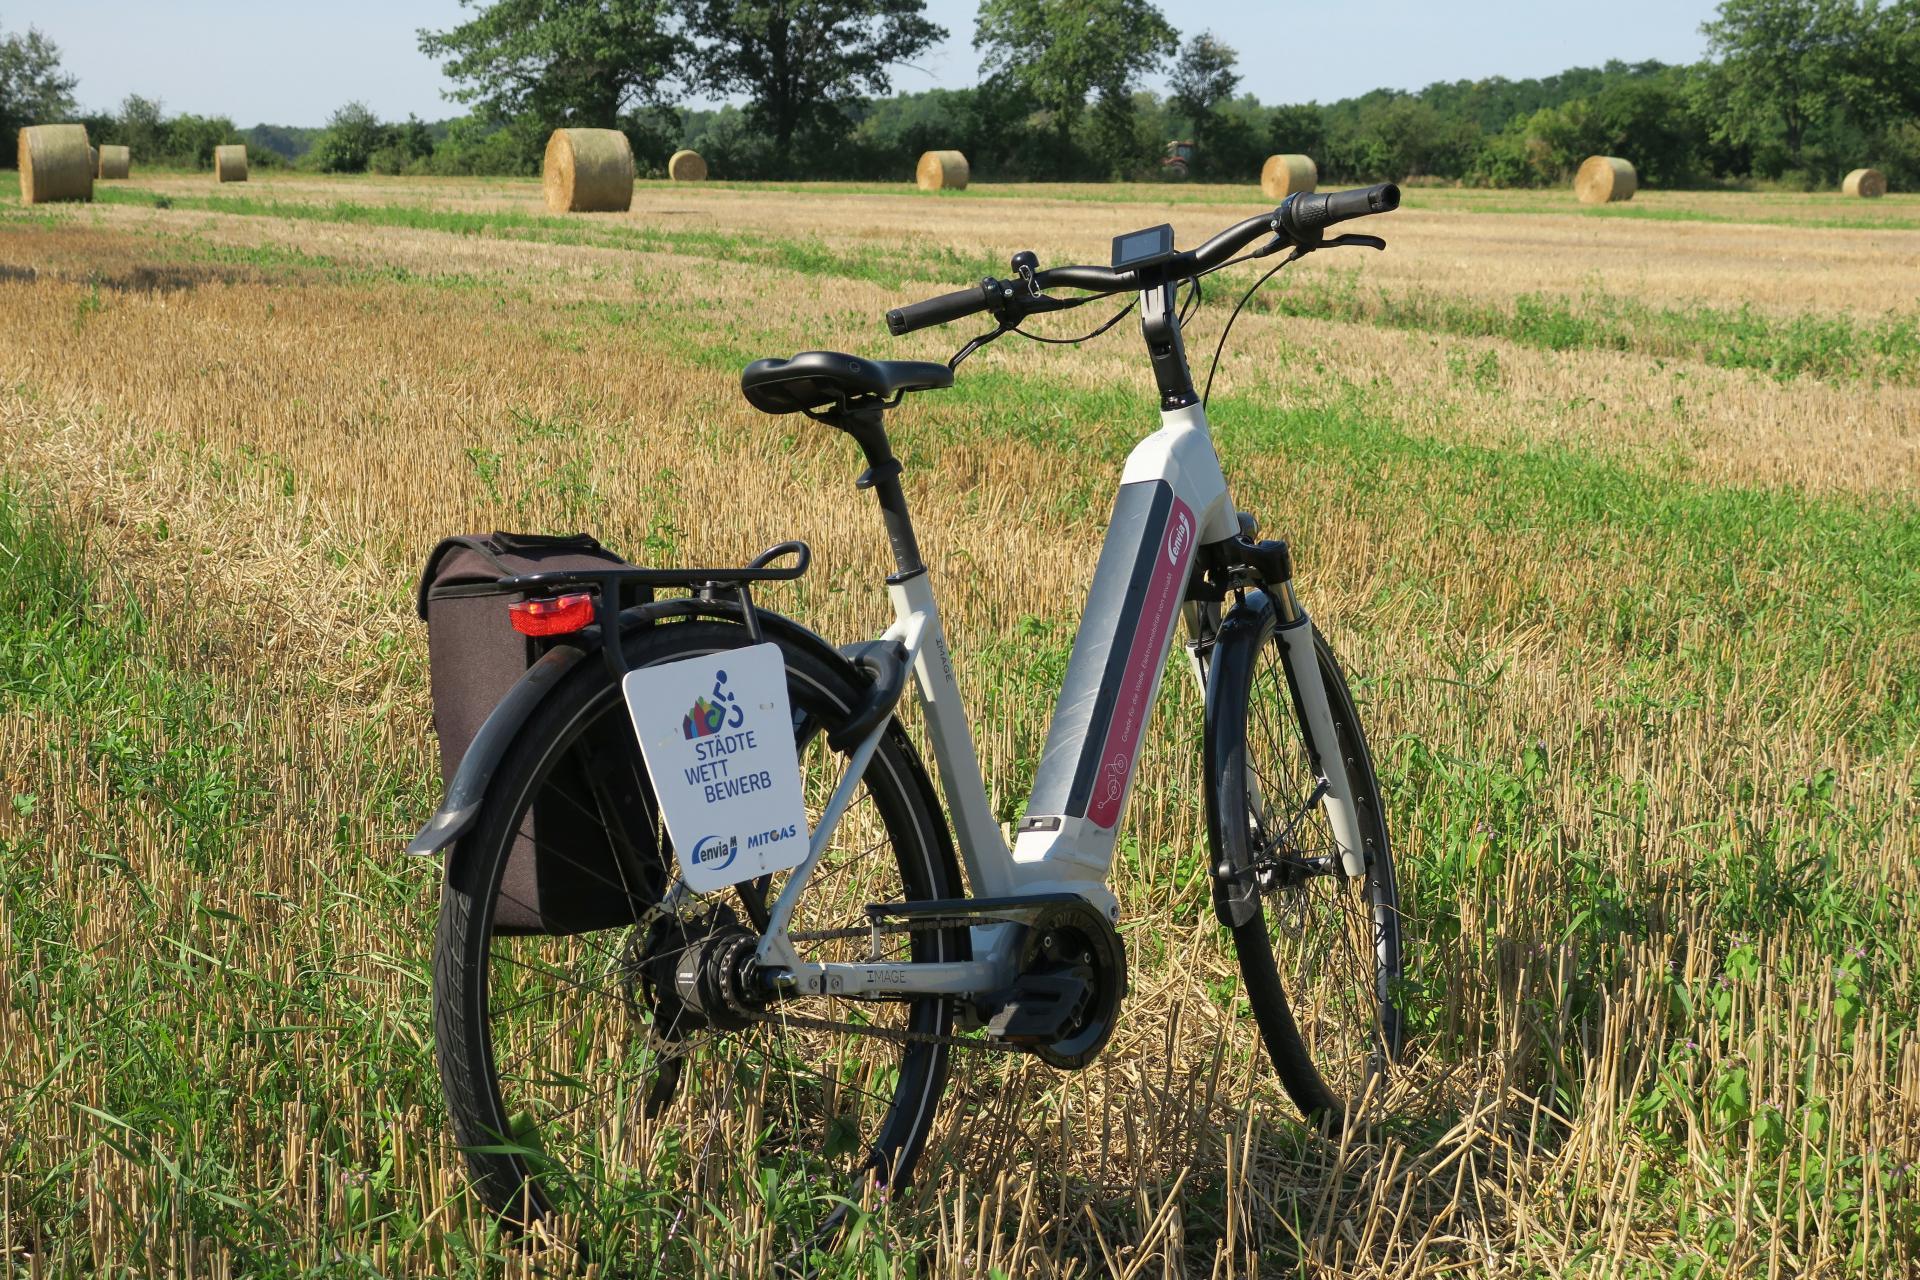 """Mit diesem Rad waren der Bürgermeister sowie einige Mitarbeiter der Verwaltung im August unterwegs, um """"Strecke zu machen"""". Foto: Stadt Calau / Jan Hornhauer"""